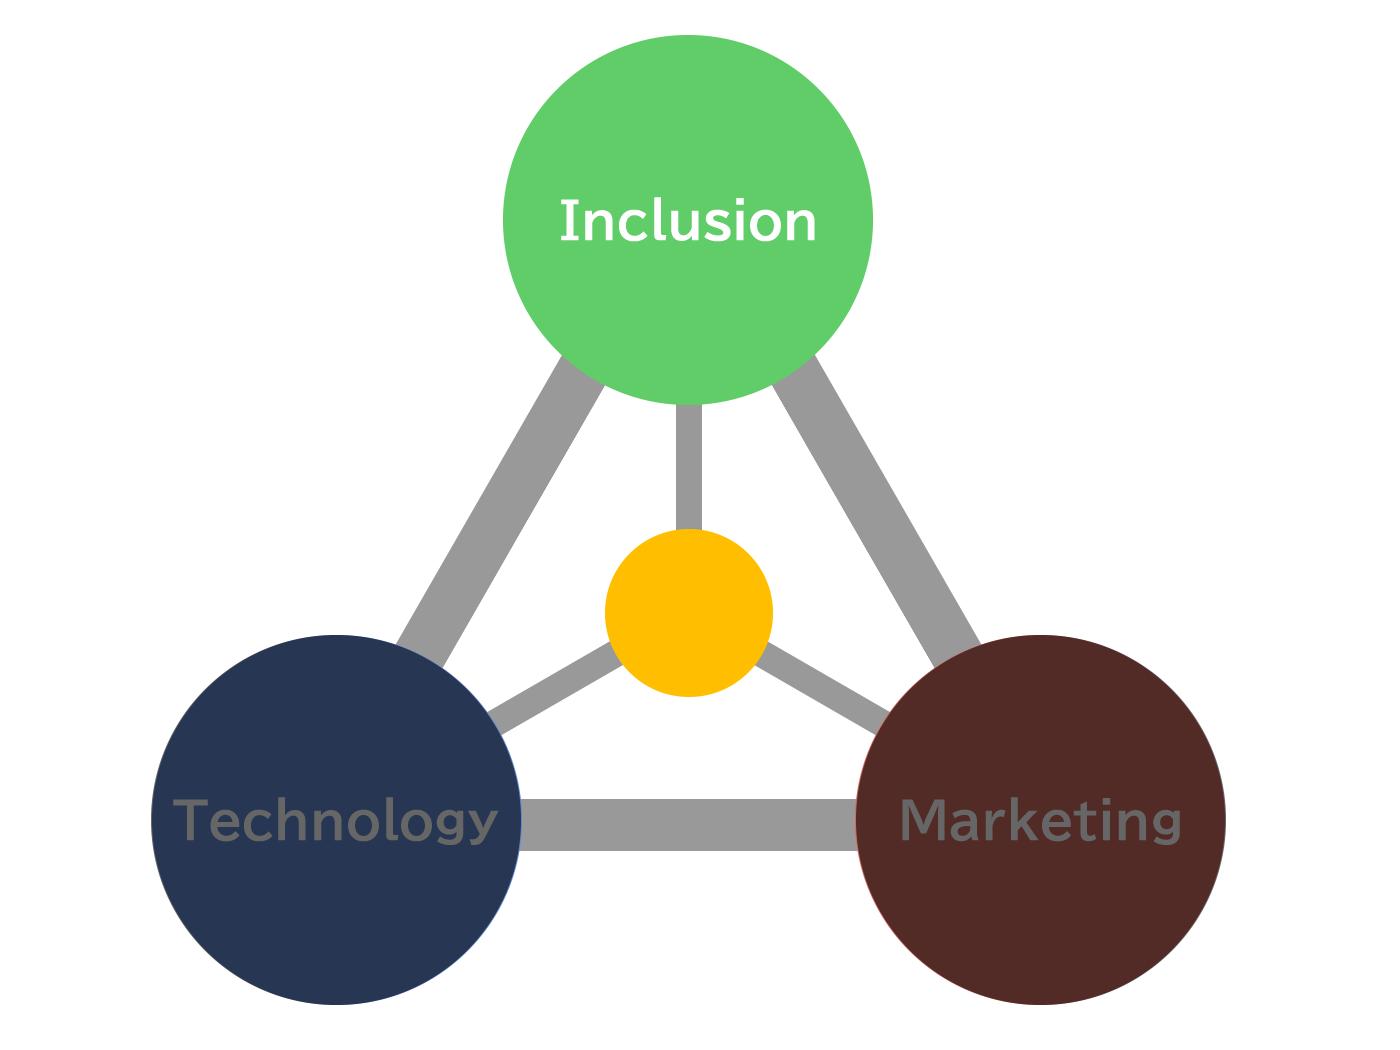 株式会社Insityが提供できる価値|Inclusion